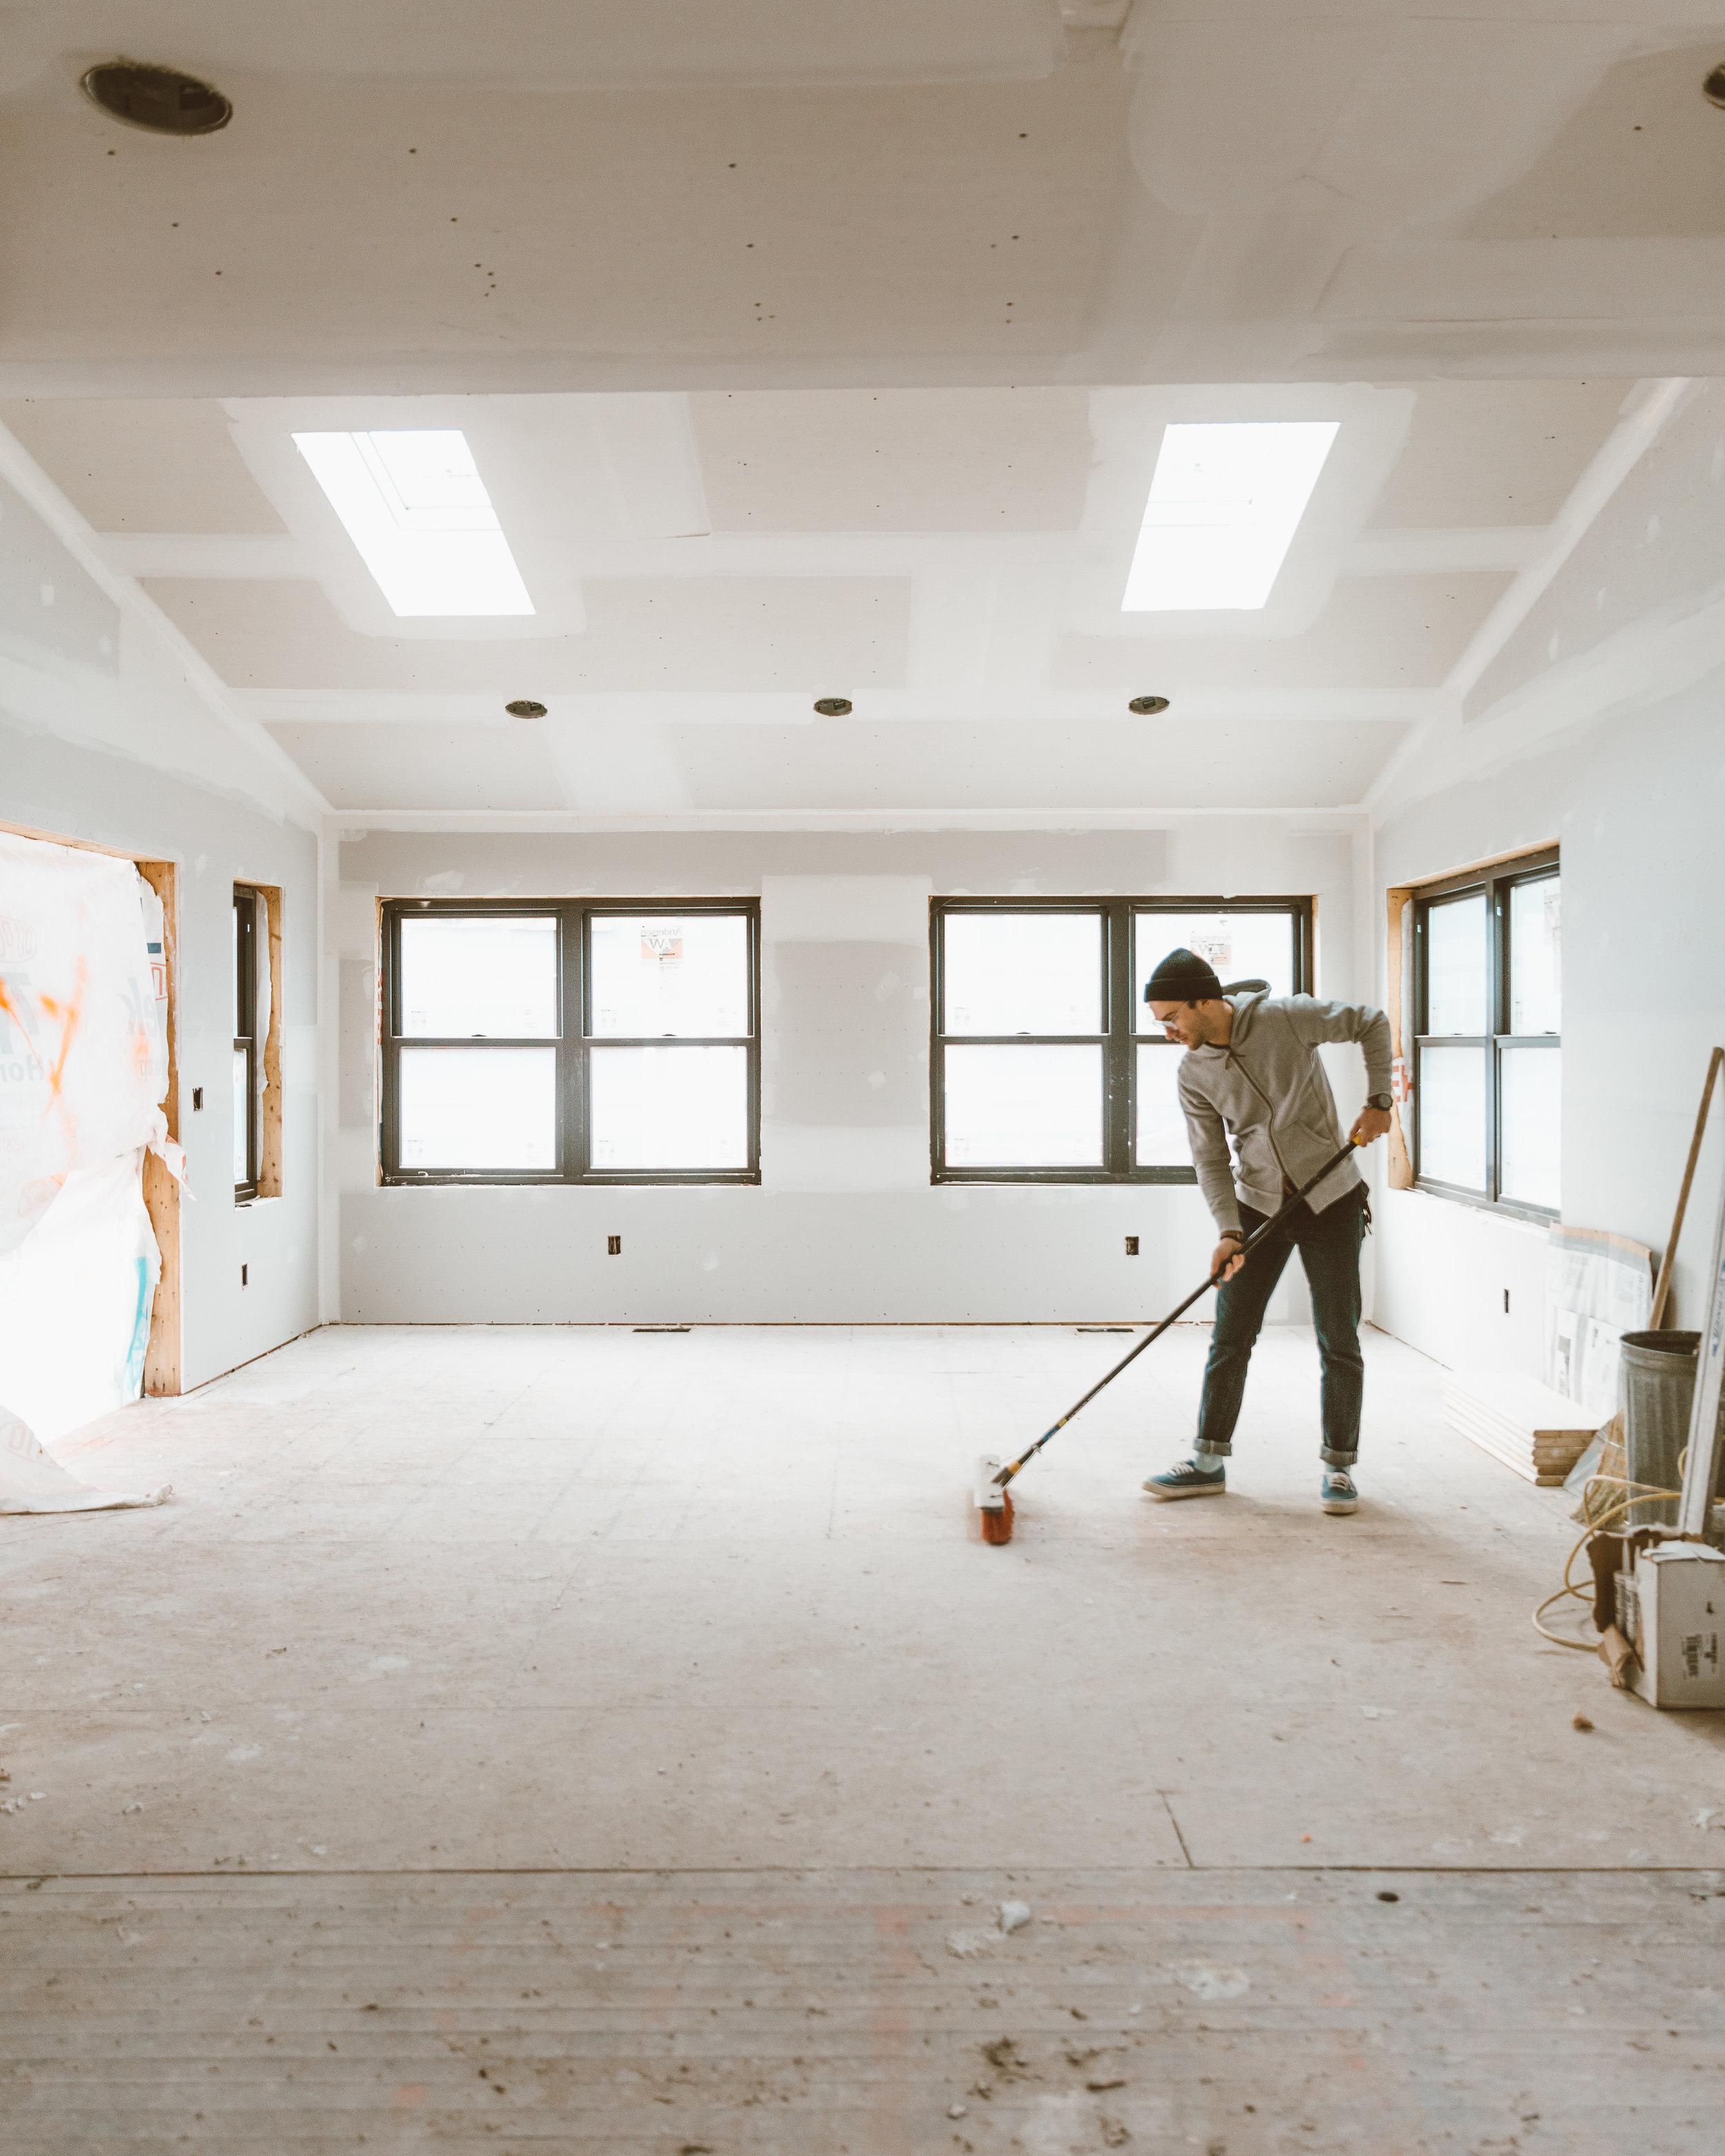 forthehome-renovation-drywall0007.jpeg